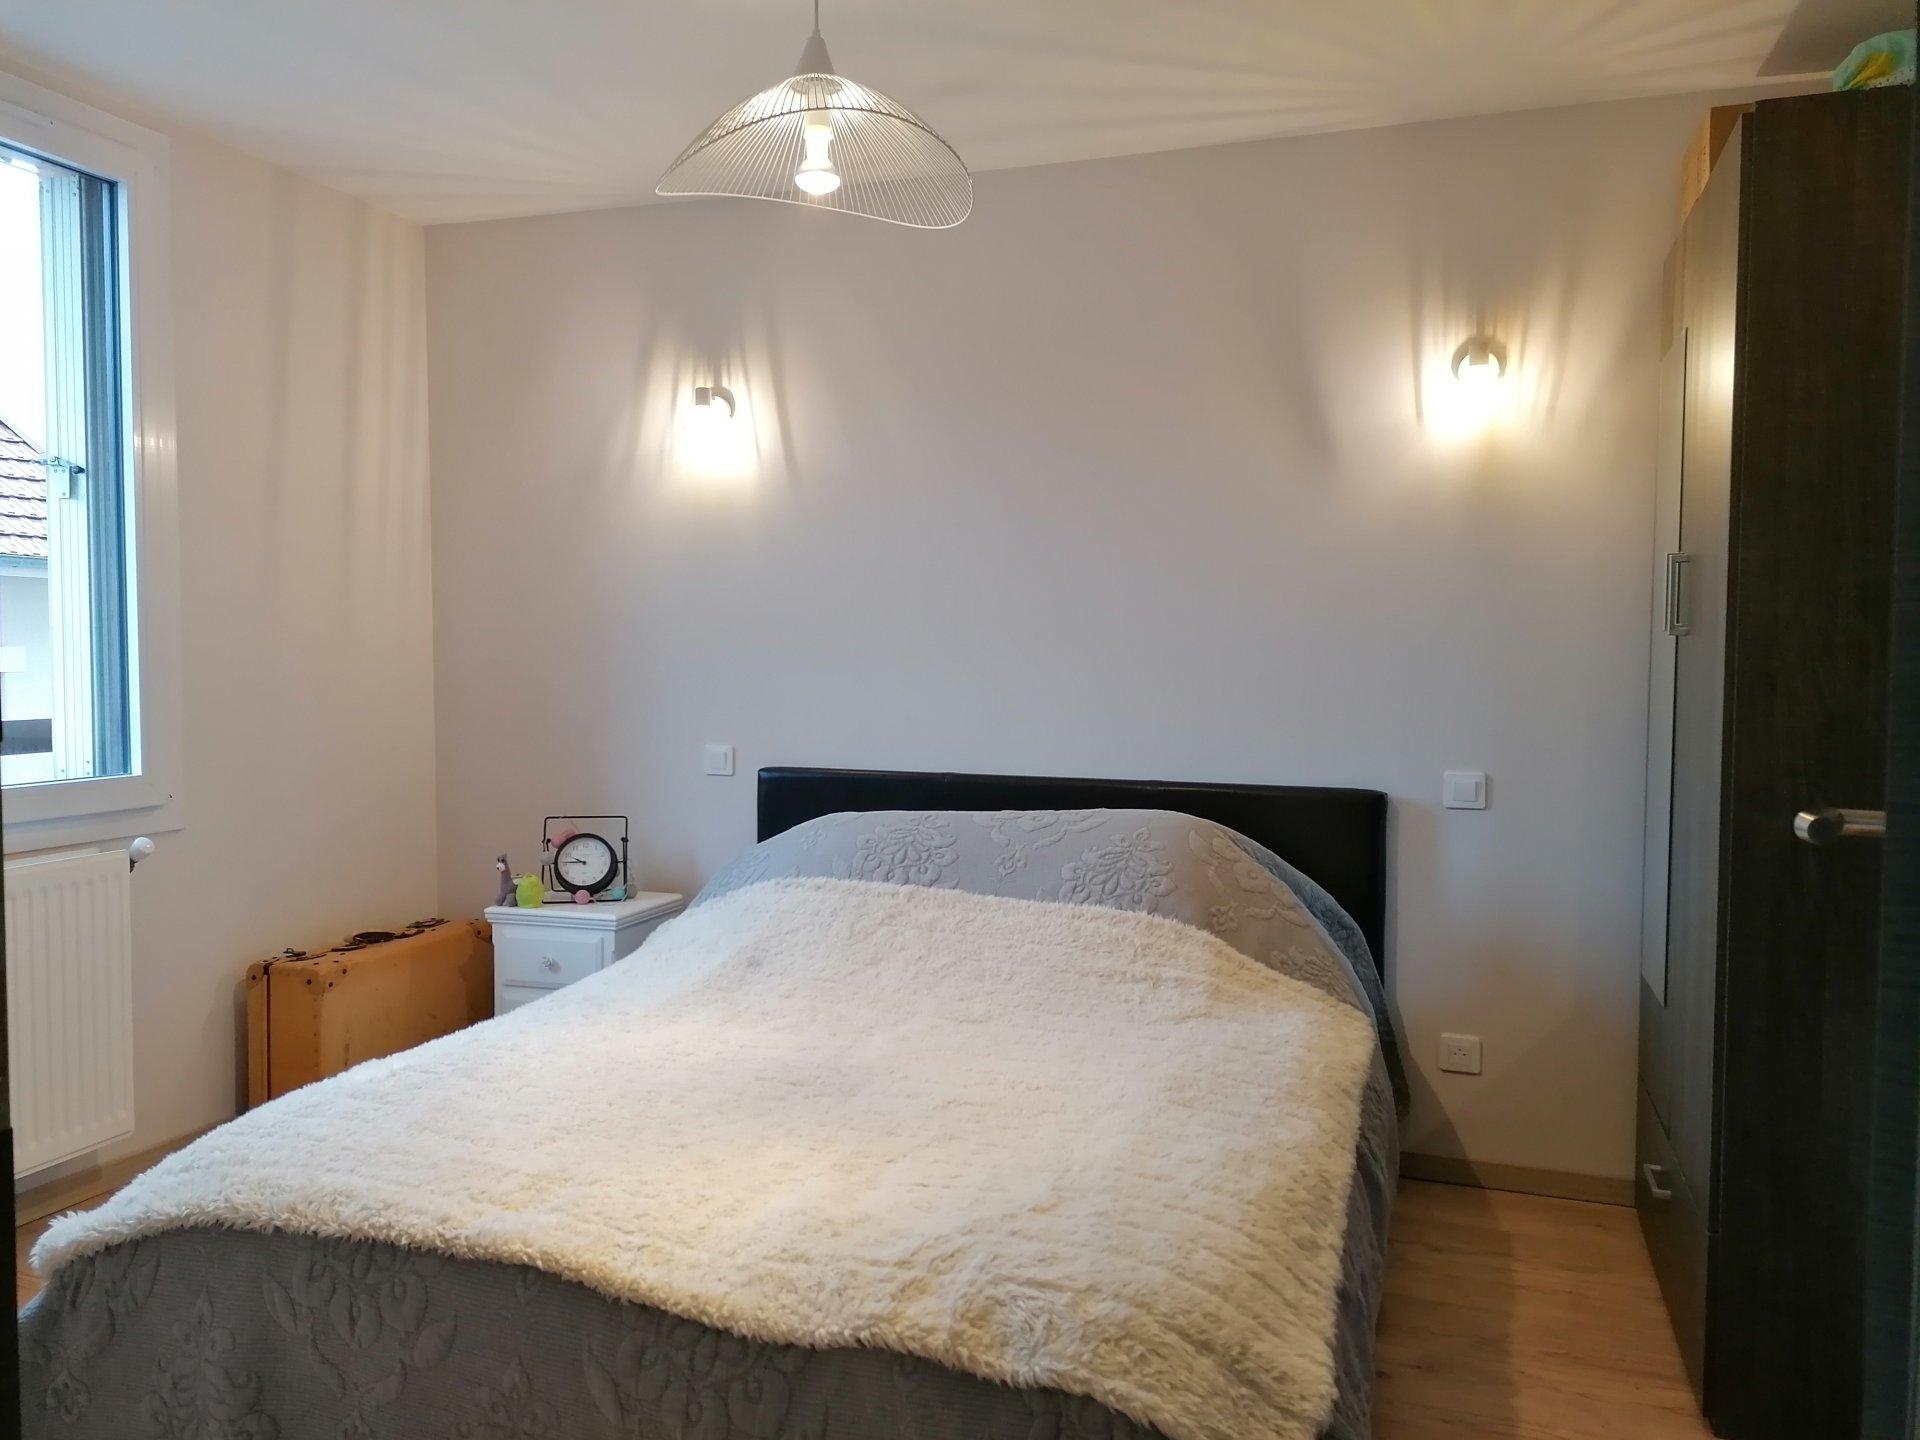 AIX-LES-BAINS apartment 75 M² RENOVATED T3 CROSSING